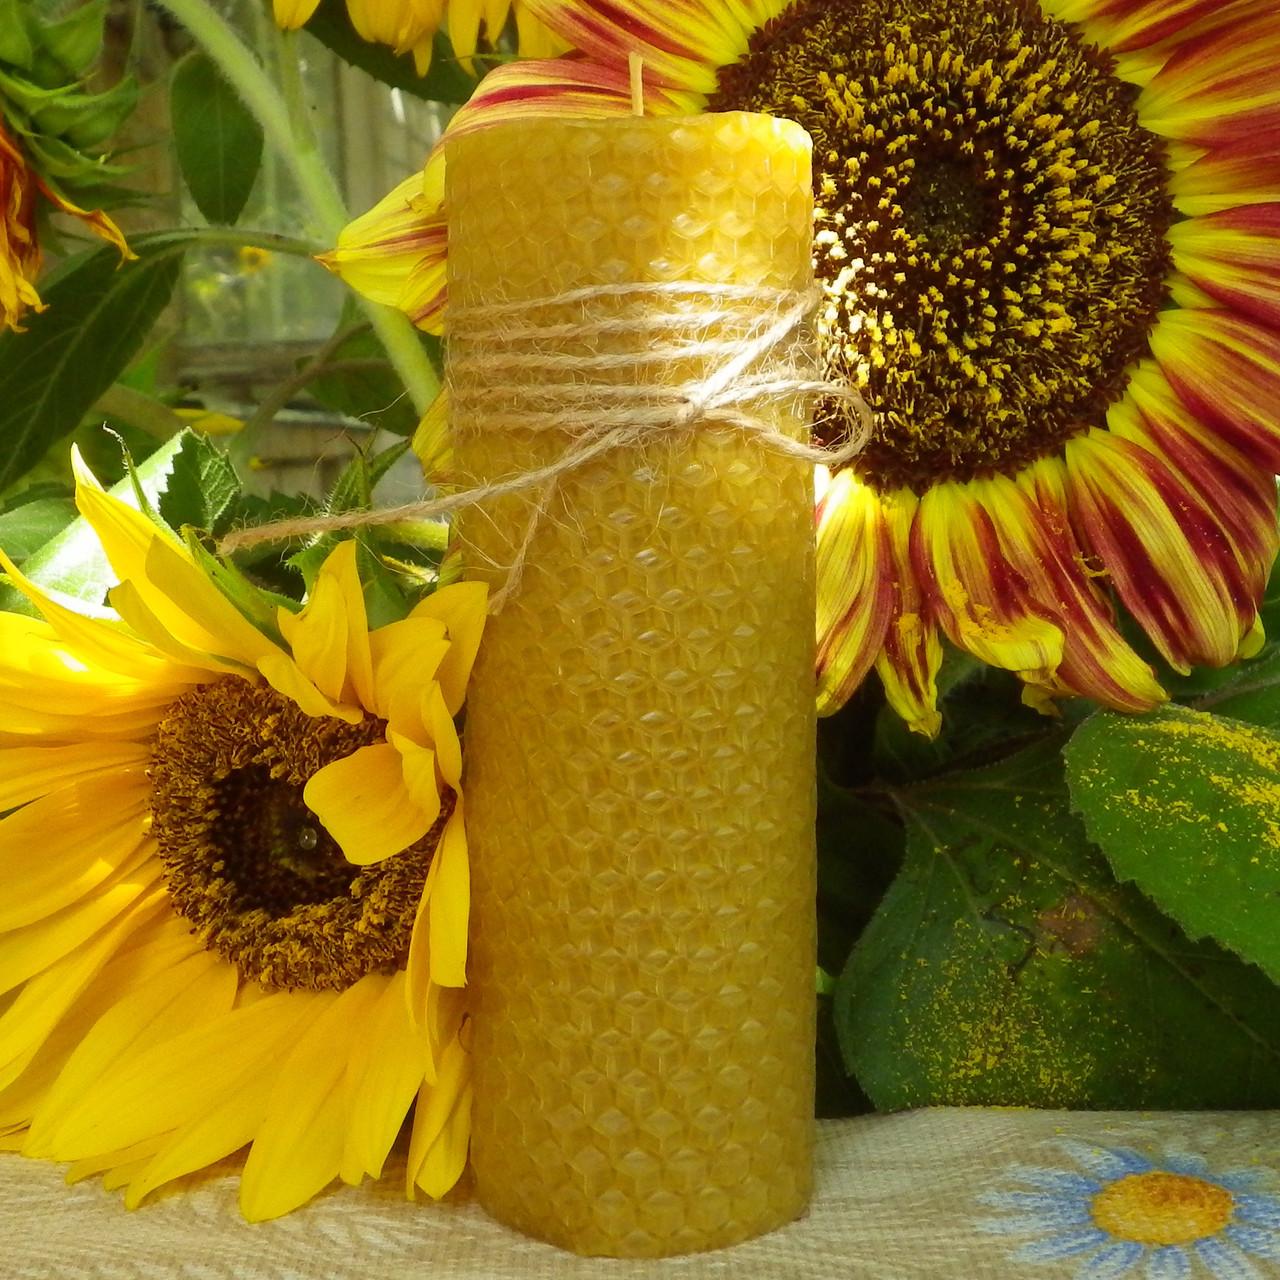 Цилиндрическая восковая свеча D30-105мм из натуральной вощины (натуральный пчелиный воск)